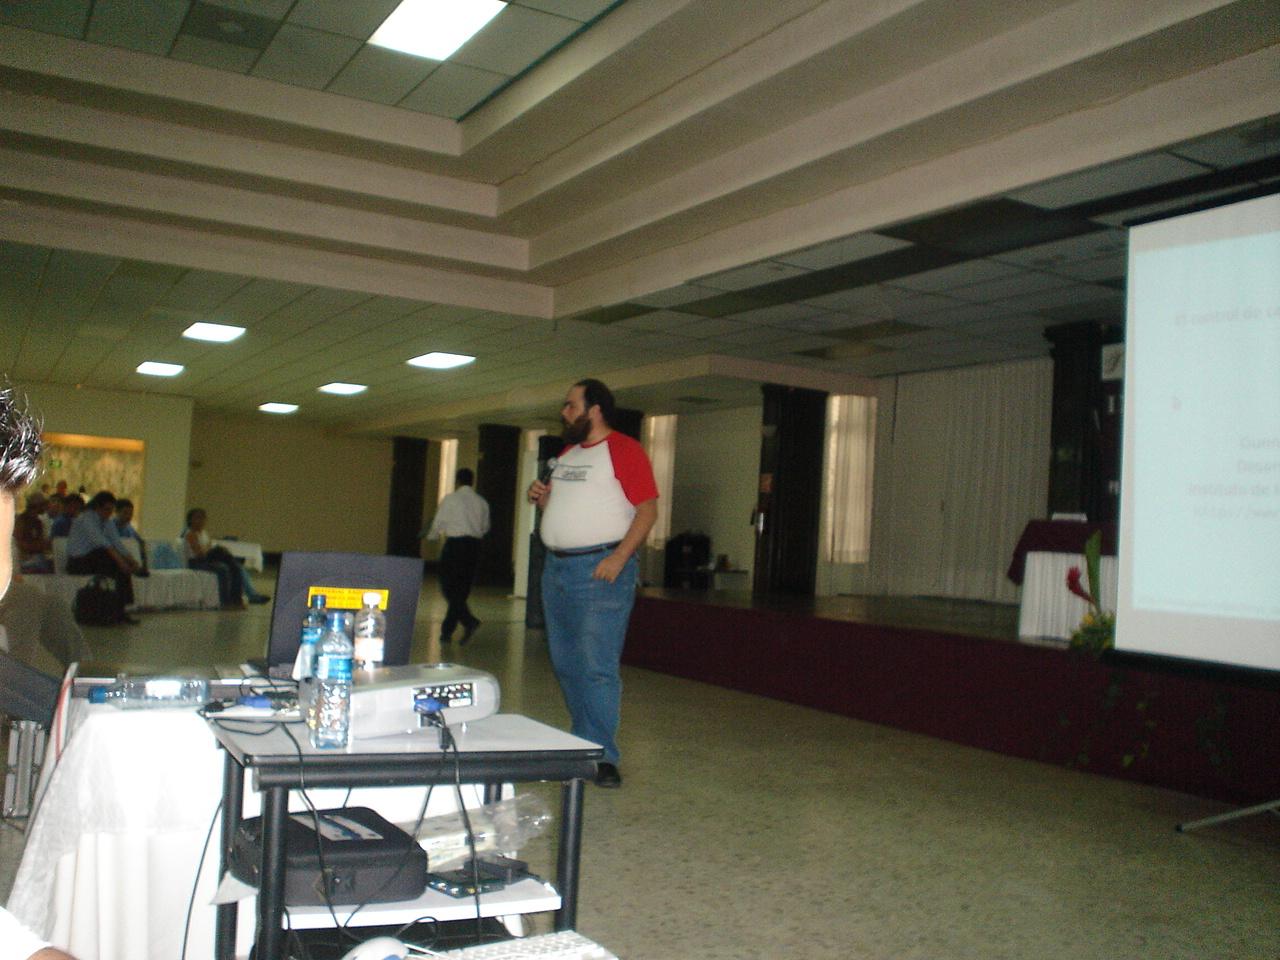 Poza Rica 31/05/05: My talk